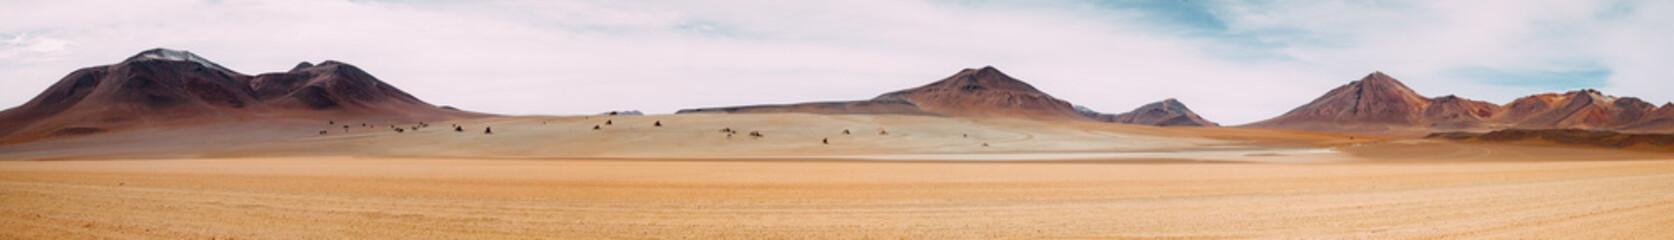 Ogromna przestrzeń nicości - Pustynia Atacama - Boliwia